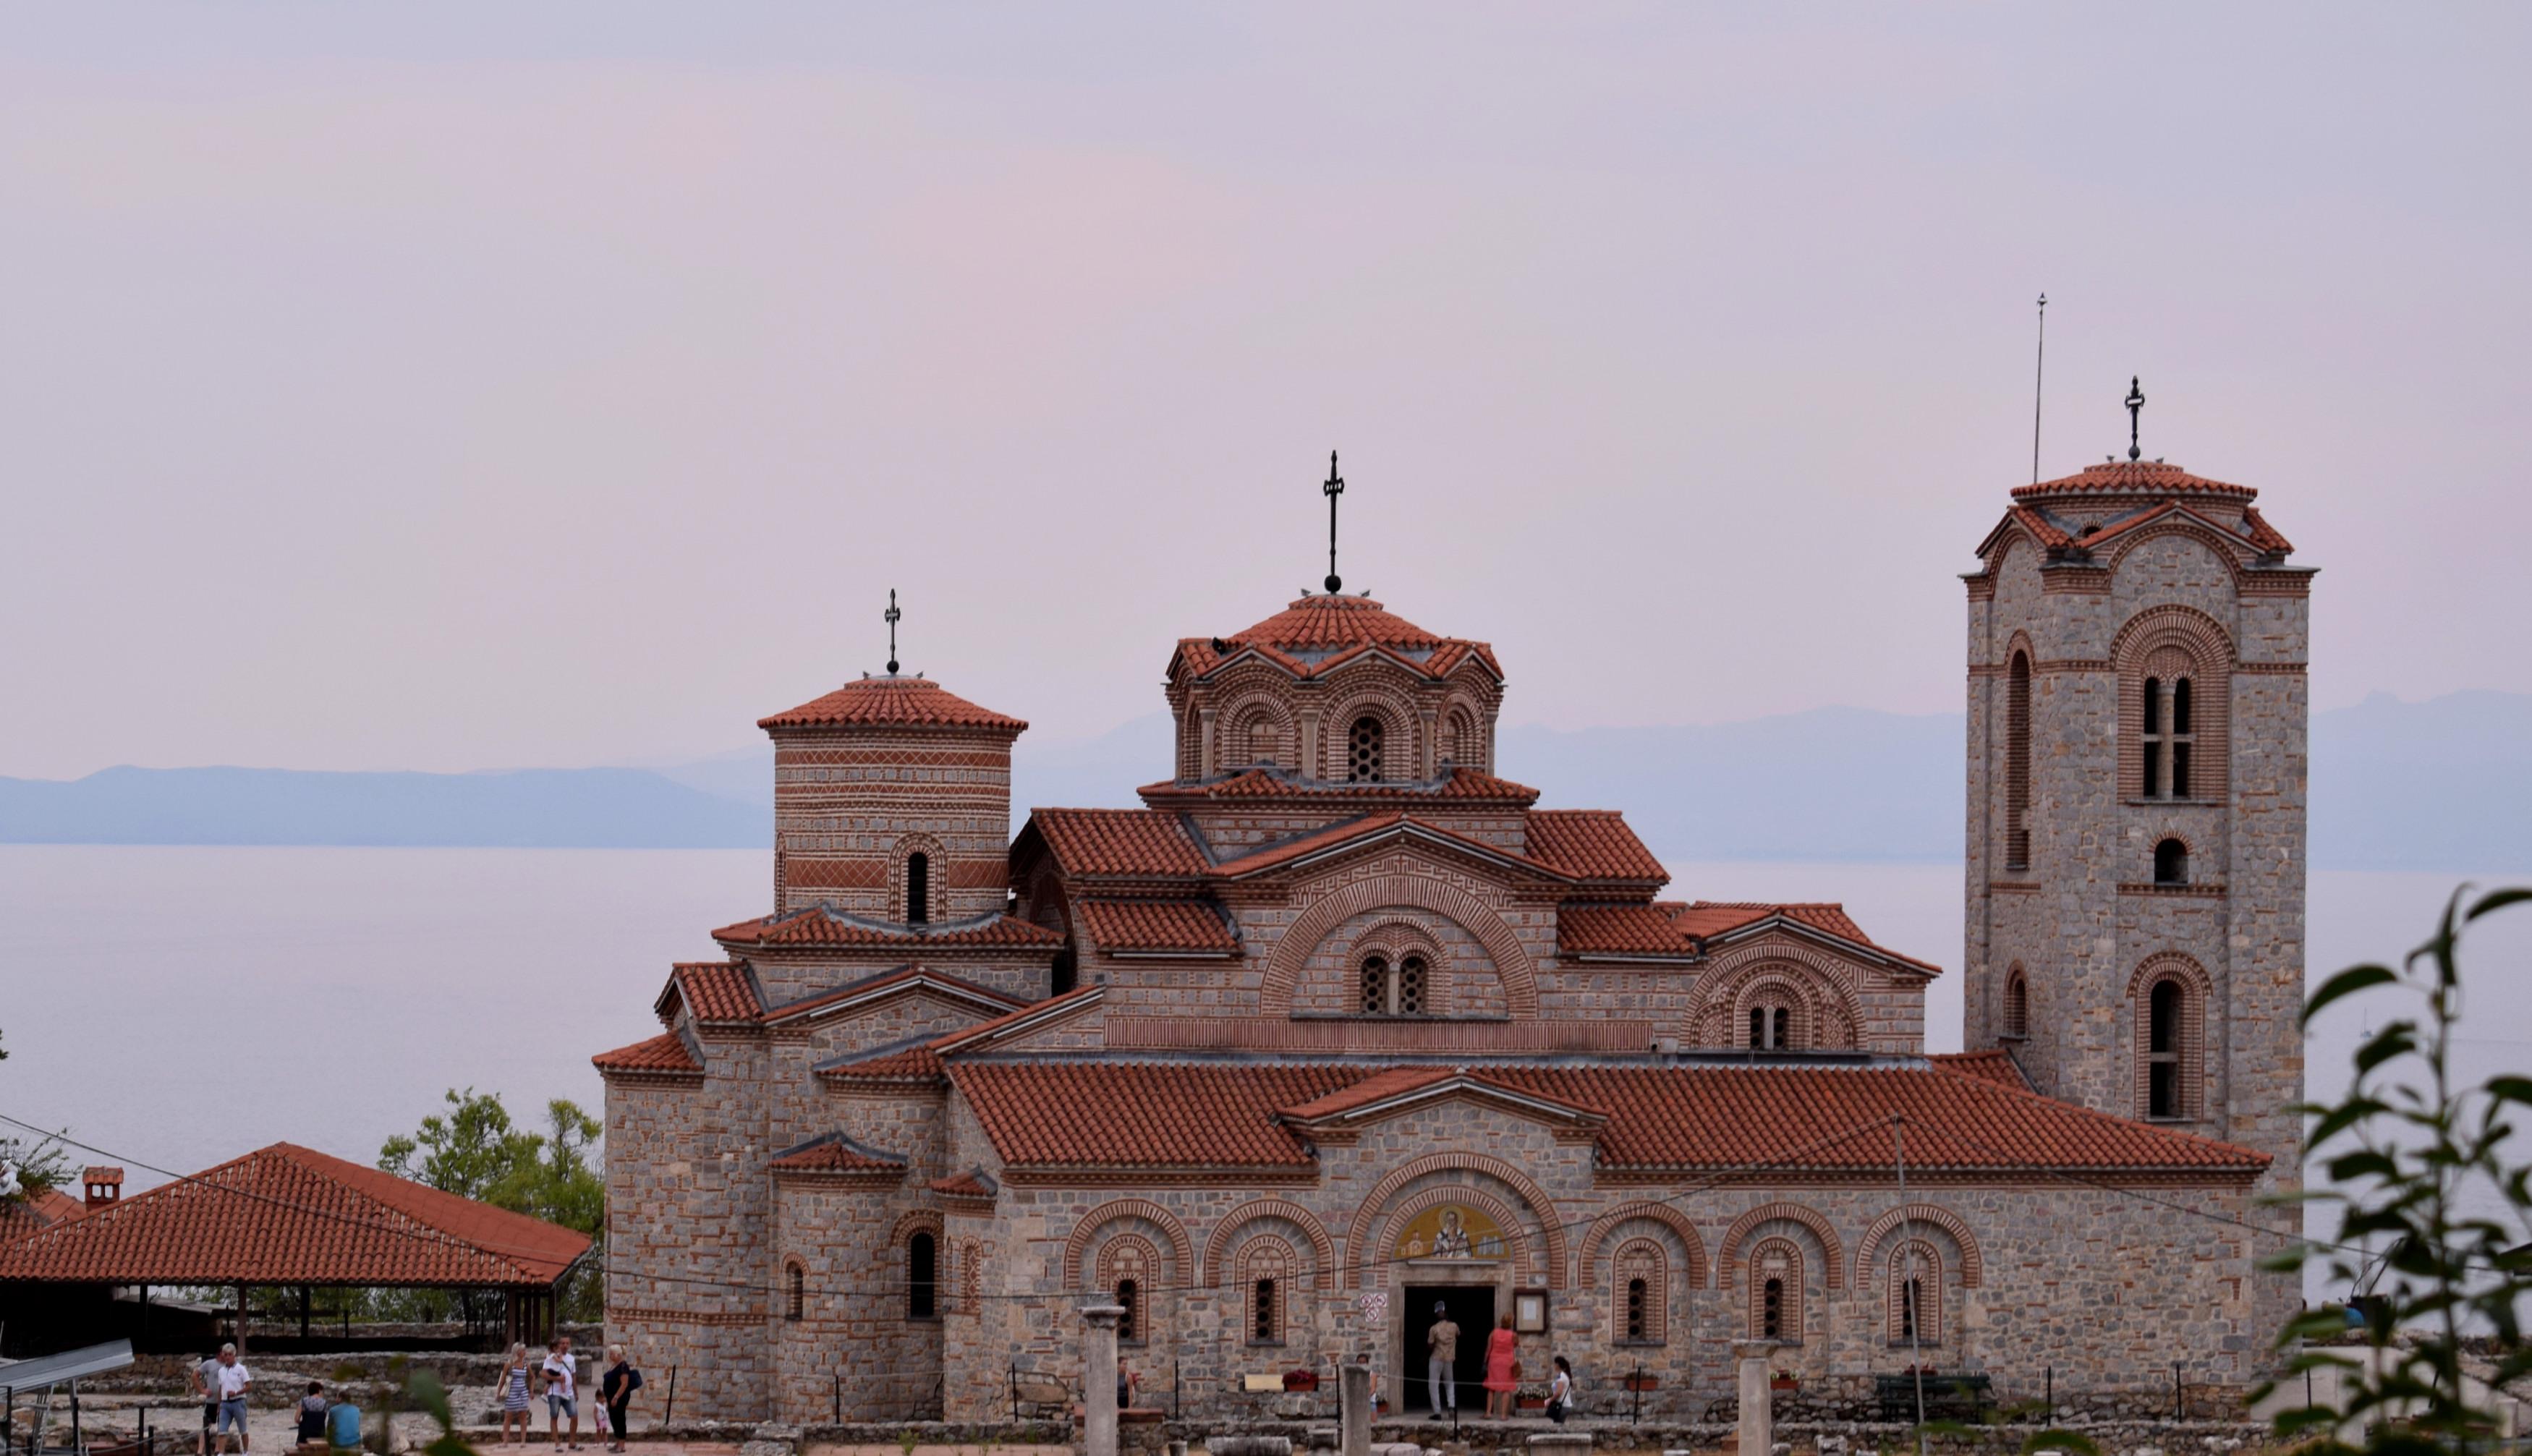 A Sveti Kliment Ohridski Orid legnagyobb temploma, de meglepő módon kívülről különlegesebb látványt nyújt mint belülről. Bár ennek jelenleg az az oka, hogy kívülről teljesen renoválták már, belül, pedig nagyon kevés freskót tudtak megmenteni (ezek azért nagyon szépek), így a fal nagy része fehér. (Ami egy protestáns templomnál természetes lenne, de egy ortodoxnál nagyon furcsa, viszont lehet, hogy idővel ezeket is visszaállítják.)